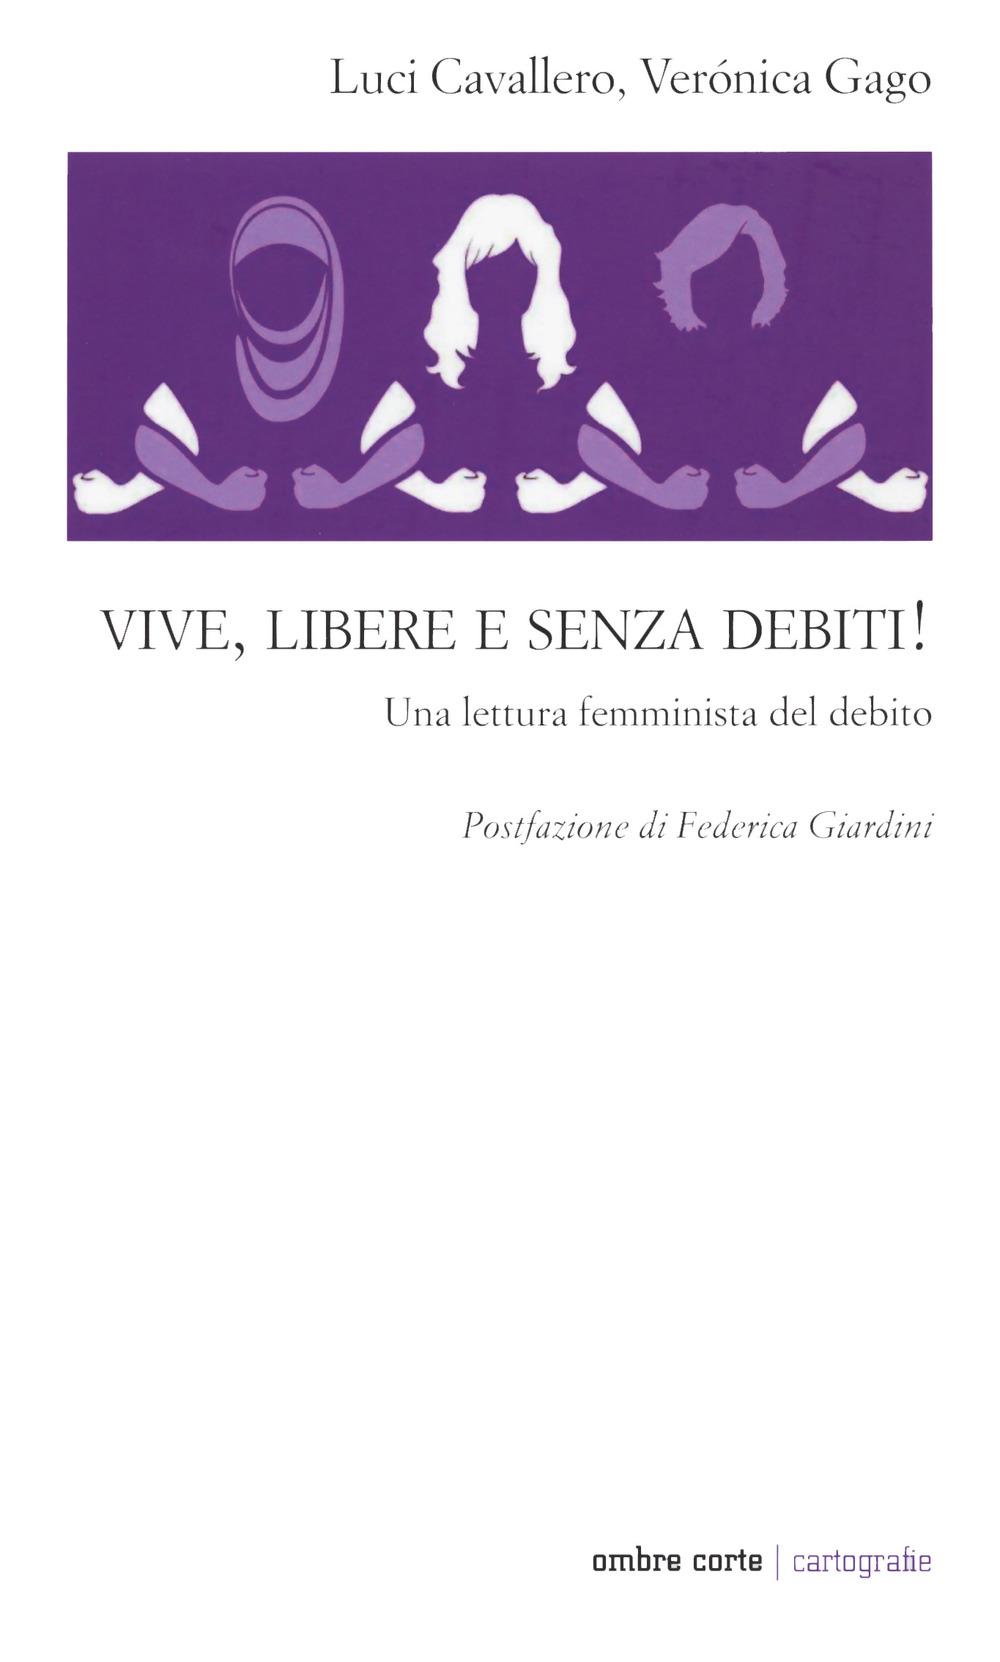 Vive, libere e senza debiti! Una lettura femminista del debito